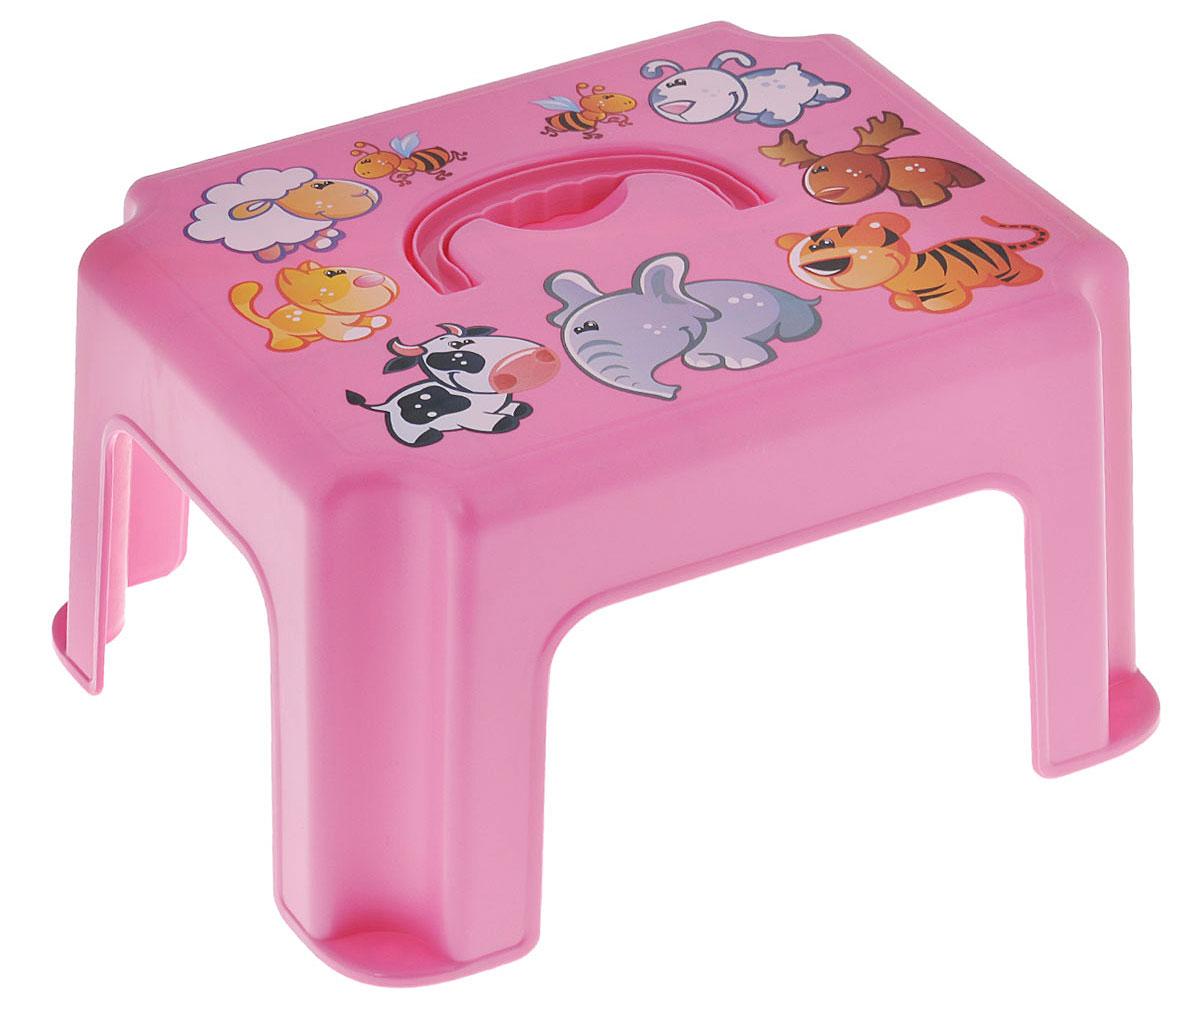 Idea Табурет-подставка детский с ручкой цвет розовый